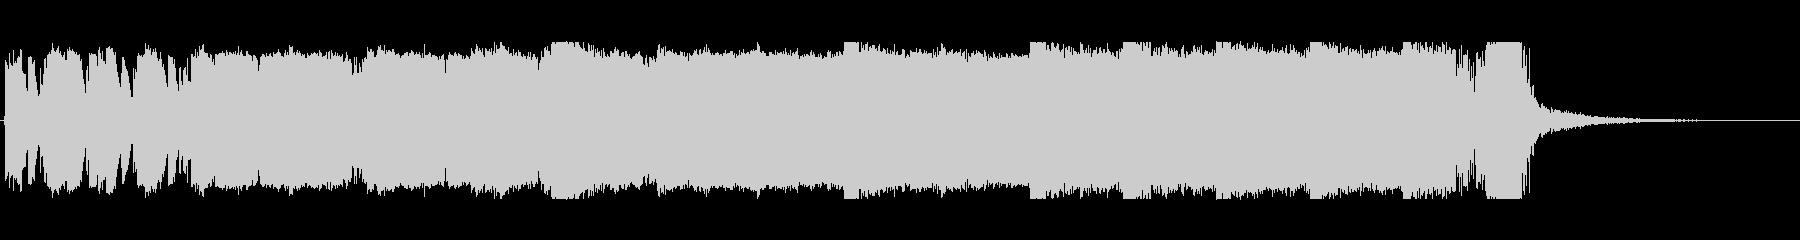 幻想的で電子的な森のカルテッドの未再生の波形